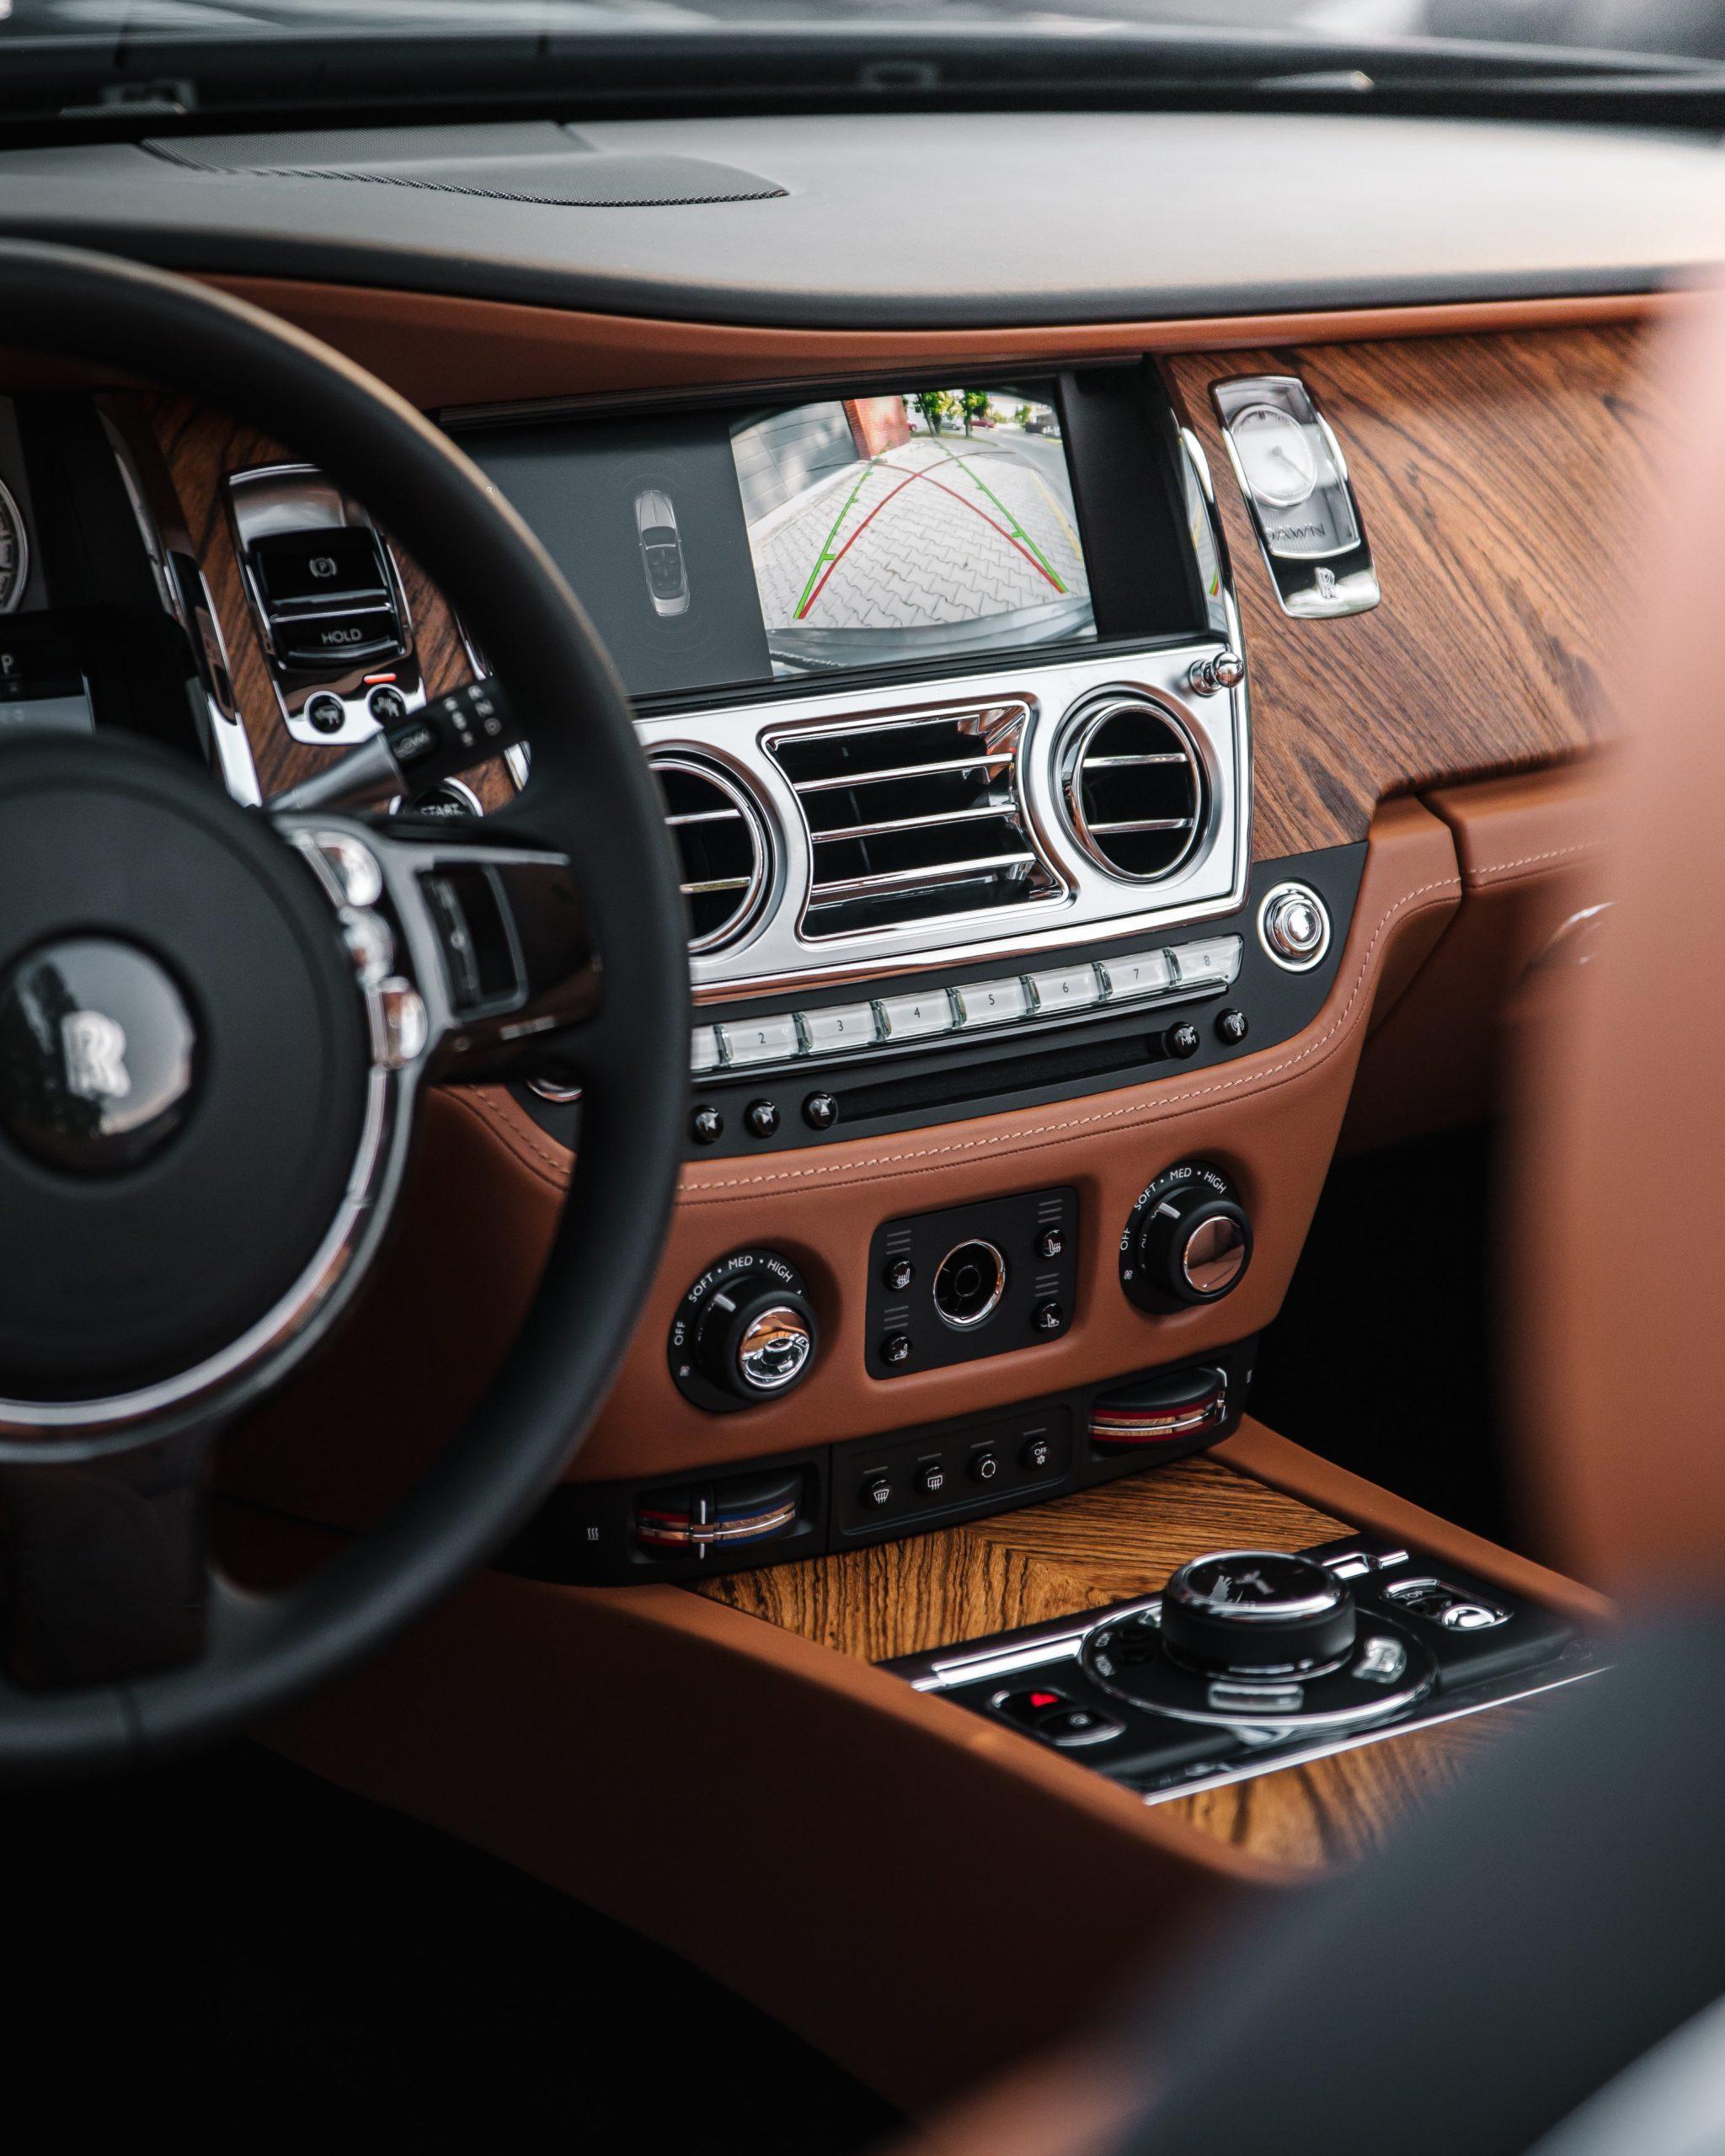 binnenkant van een auto